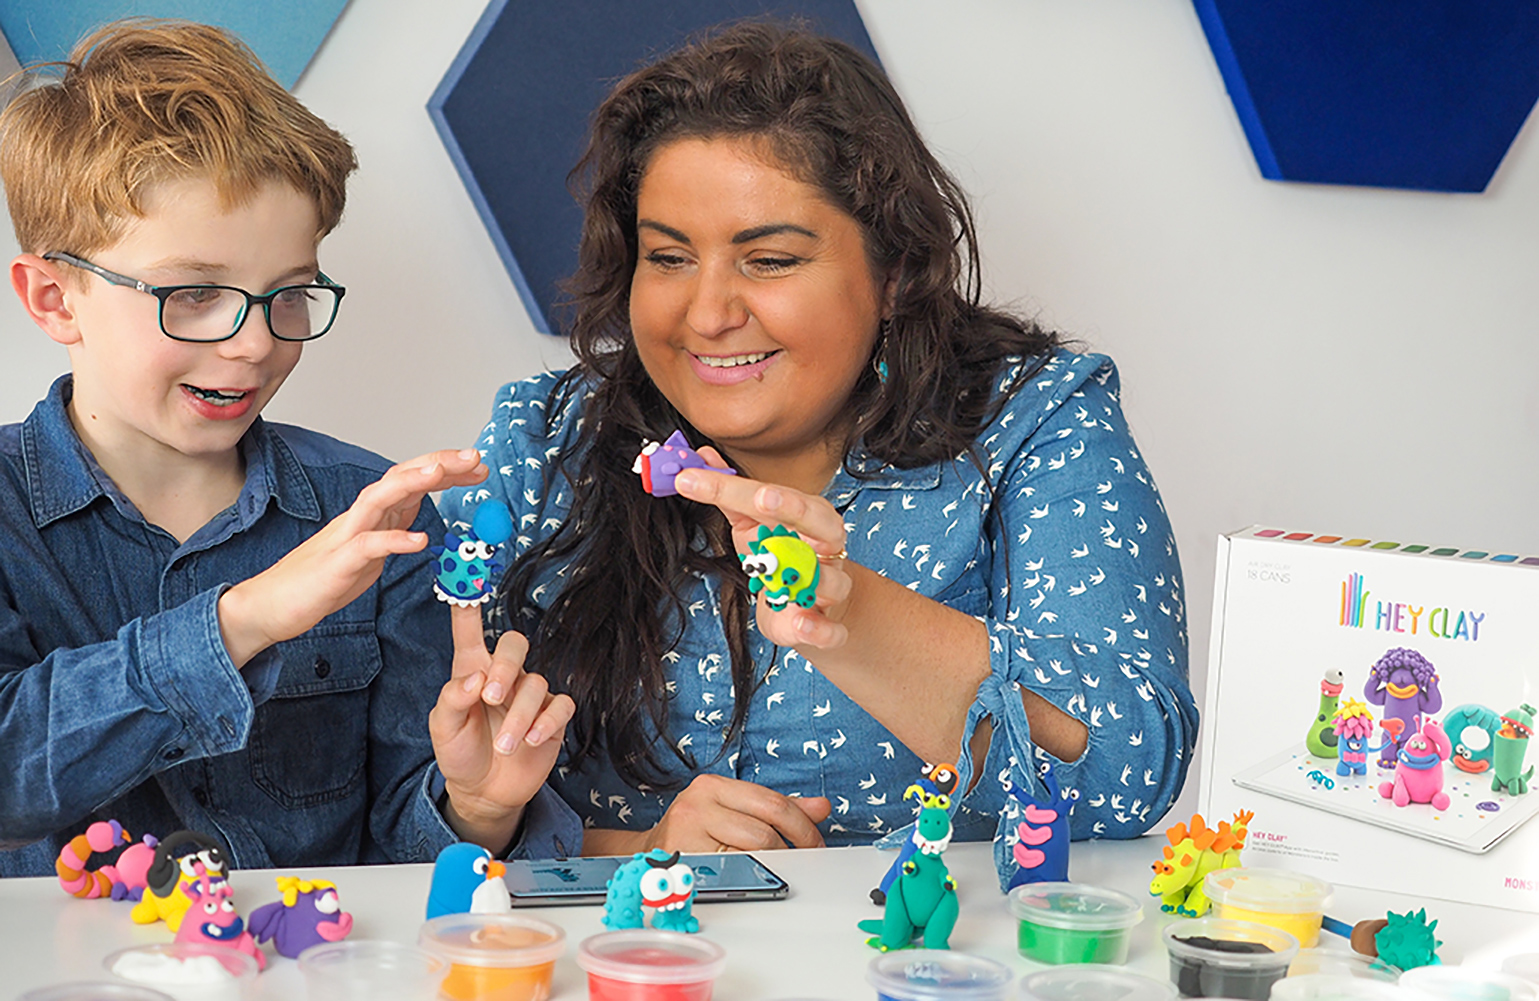 zabaw z dzieckiem, lepienie z masy plastycznej hey clay, uśmiechnięte dziecko i mama trzymają w ręku figurki ulepione z samoutwardzalnej masy plastycznej